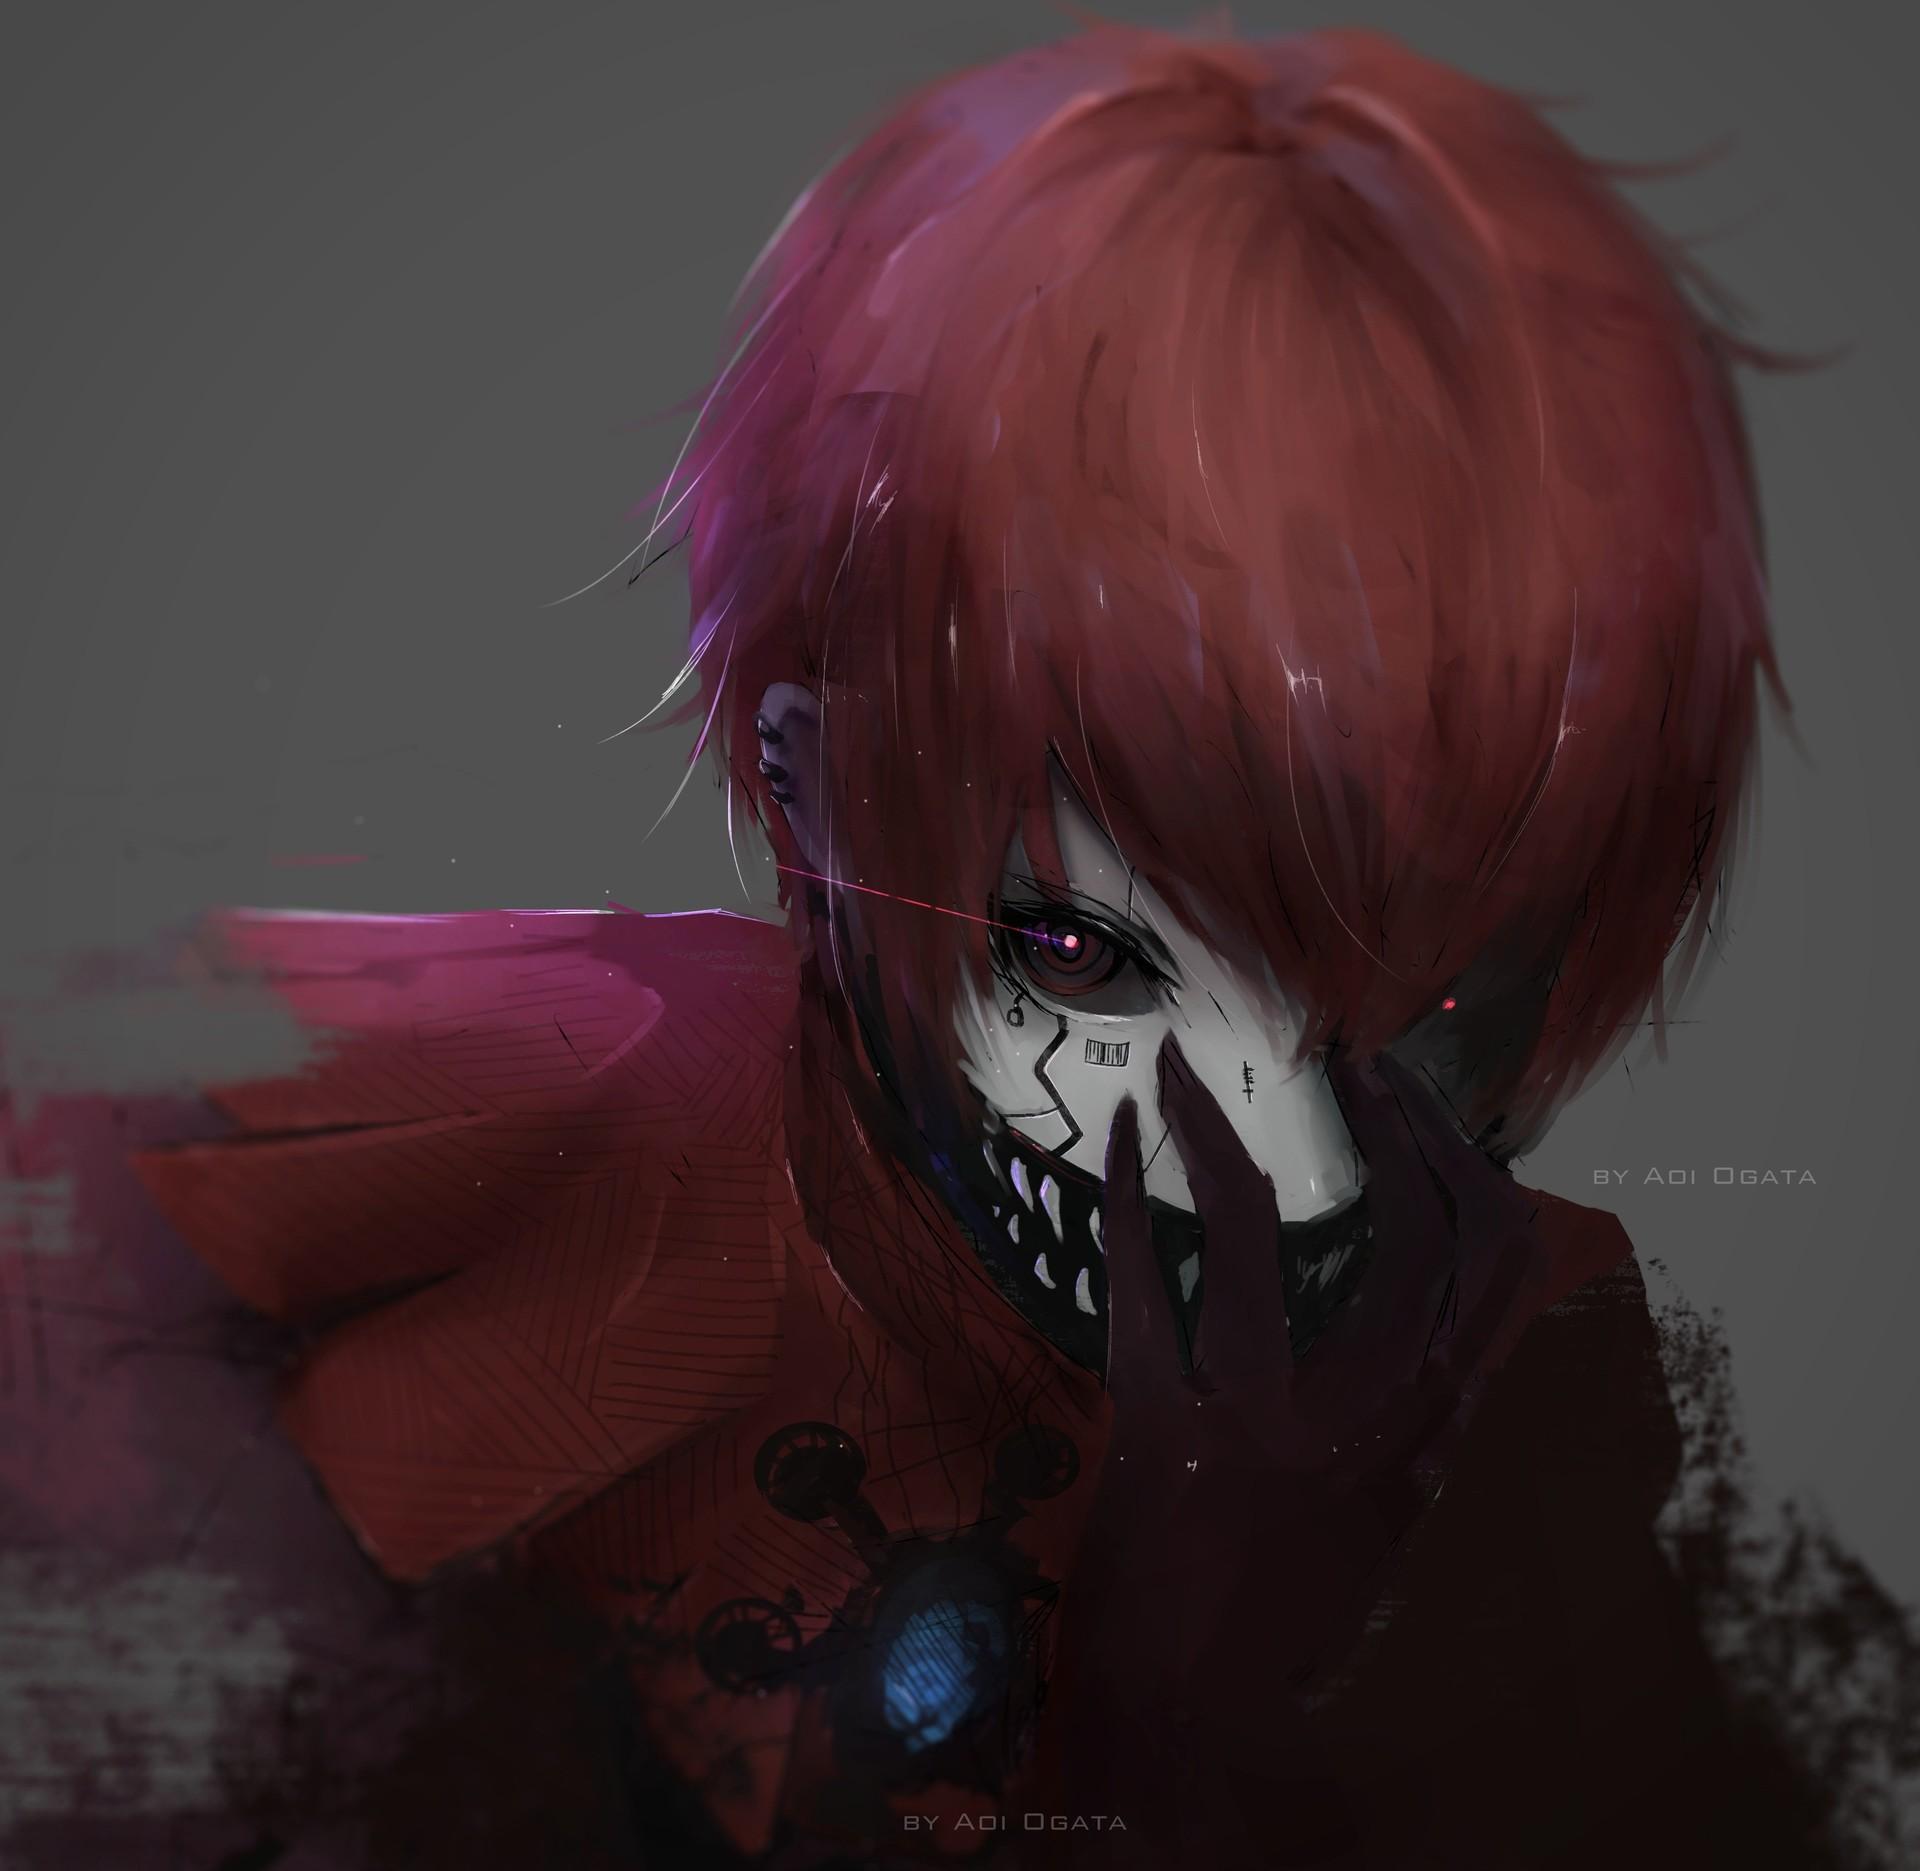 Aoi ogata sasukelikespie4rt2